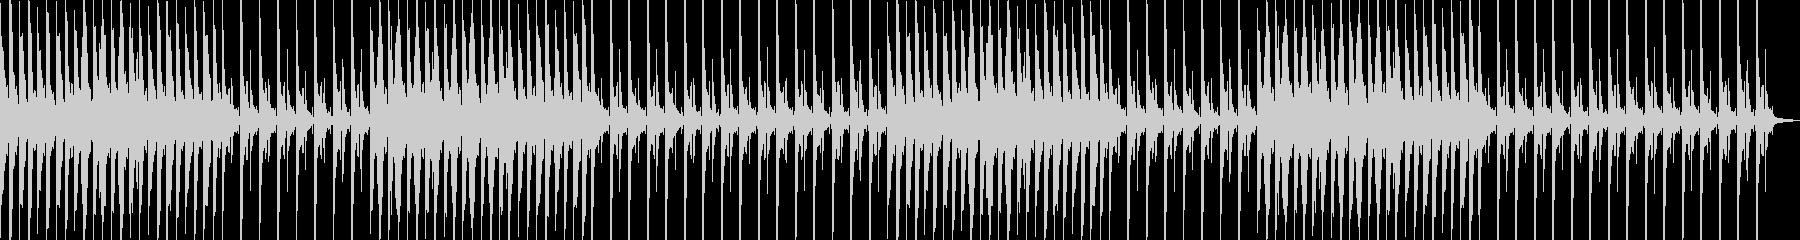 眠りを誘う癒やしのヒーリングピアノの未再生の波形